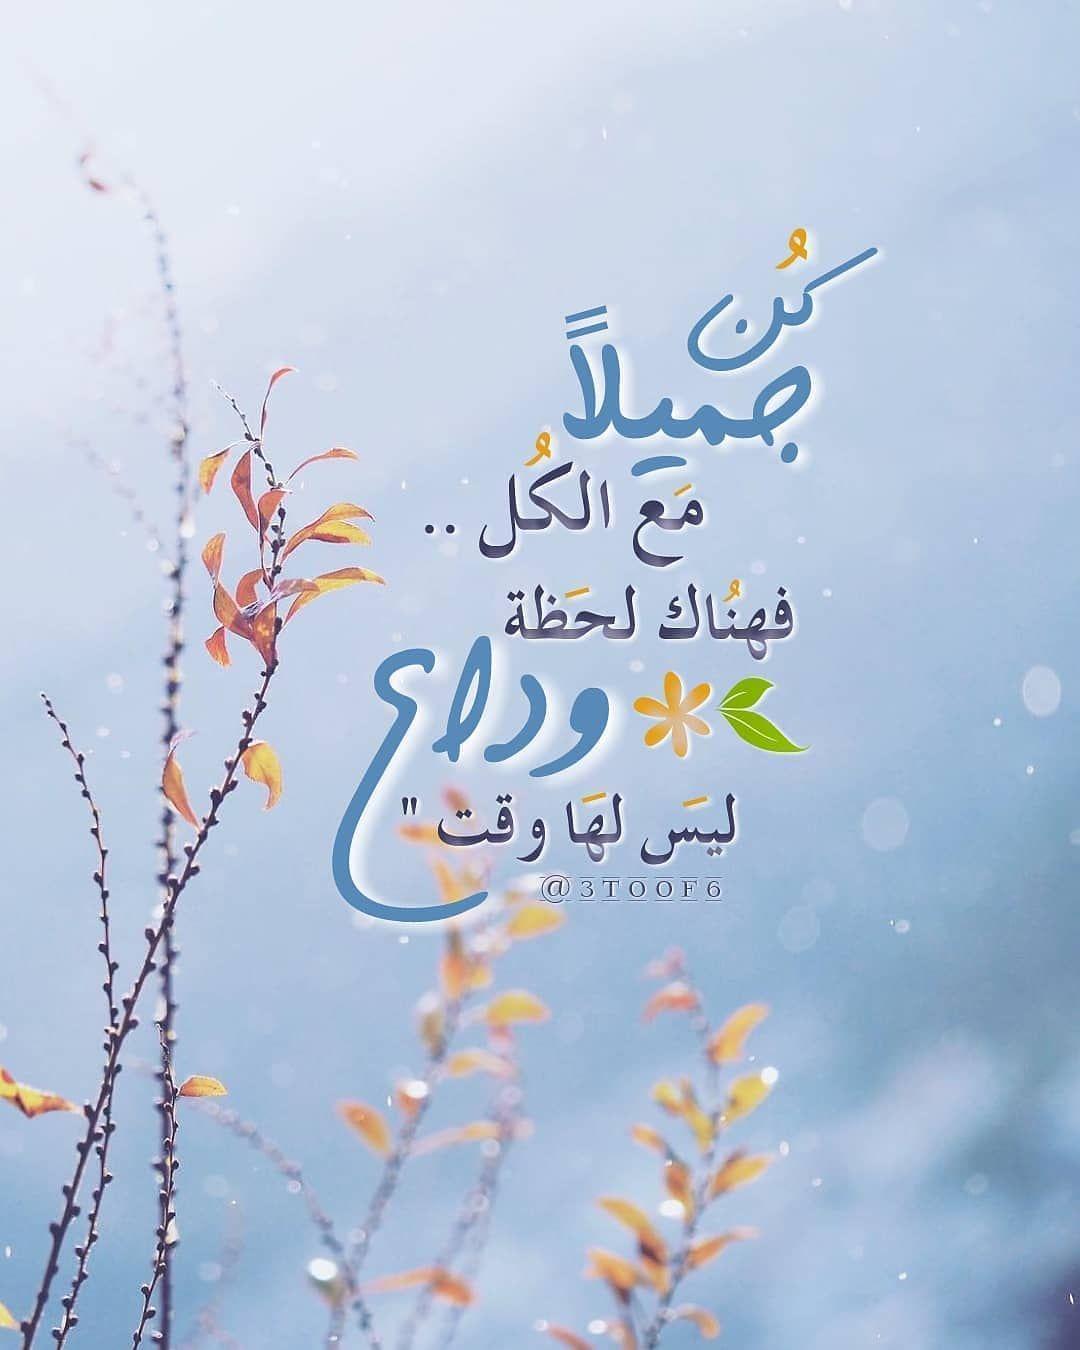 صروح المجد On Instagram كن جميلا مع الكل فهناك لحظة وداع ليس لها وقت Arabic Calligraphy Calligraphy Peace